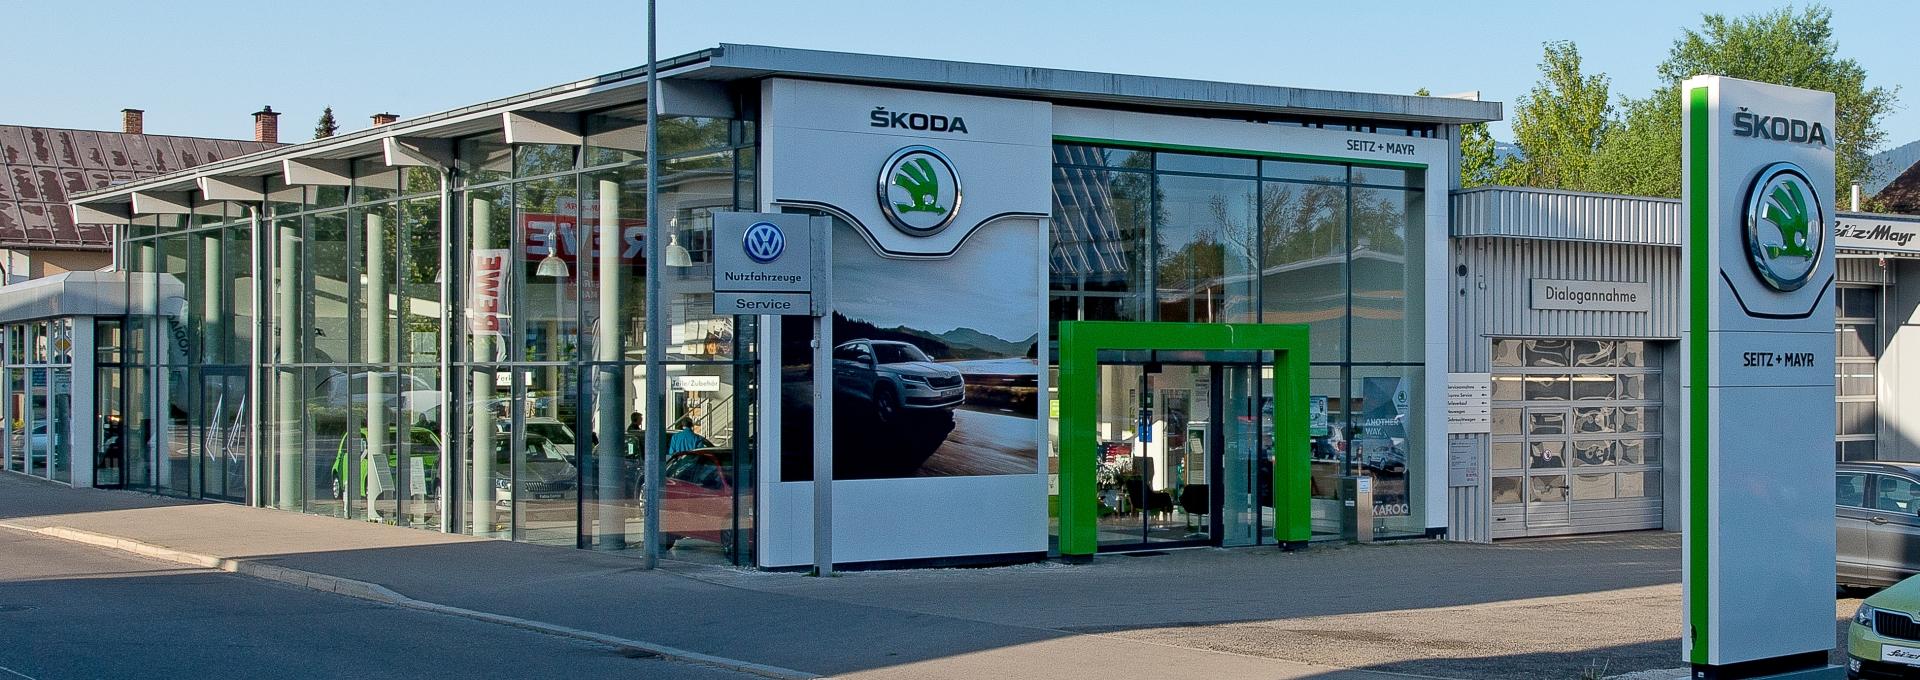 skoda autohaus seitz+mayr sonthofen | autohaus seitz